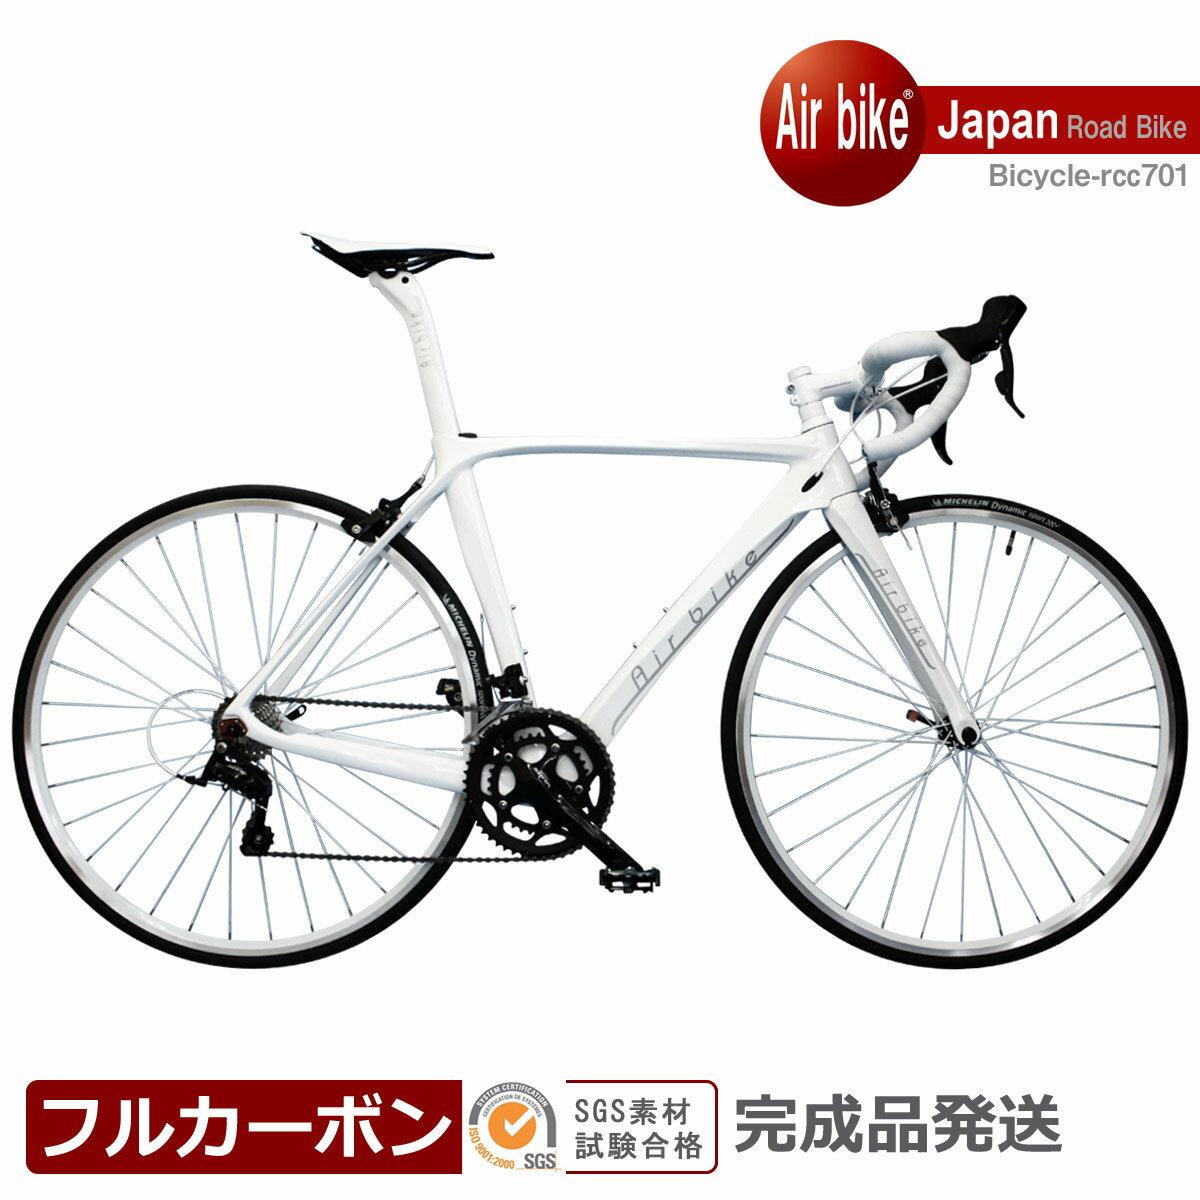 【モニターキャンペーン特別価格】フルカーボン ロードバイク カーボン 日本製 Airbike Japan(エアーバイクジャパン) 700C 24T-700T炭素繊維仕様 シマノ製18段変速 SHIMANO SORA使用